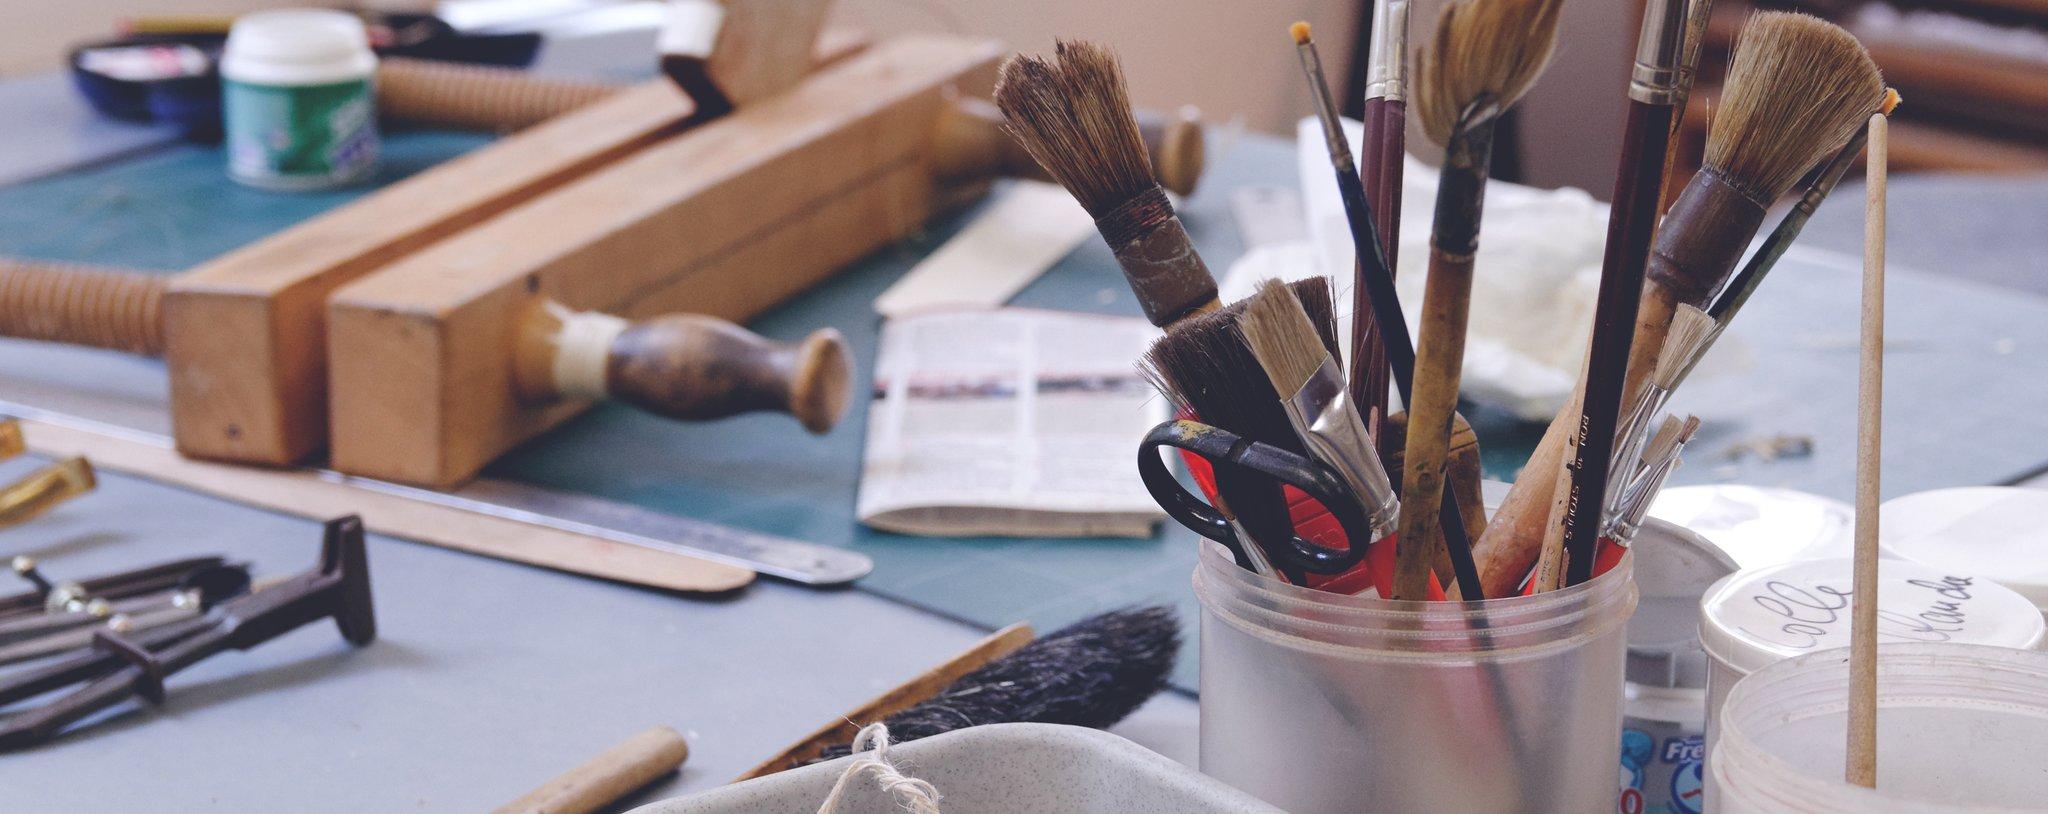 Na stole leżą metalowe cyrkle, gazeta, linijki, drewniane zaciski do ram obrazów, miotełka oraz kubeczek wktórym są pędzle ipędzelki. Obok stoja plastikowe, okrągłe pudełka.